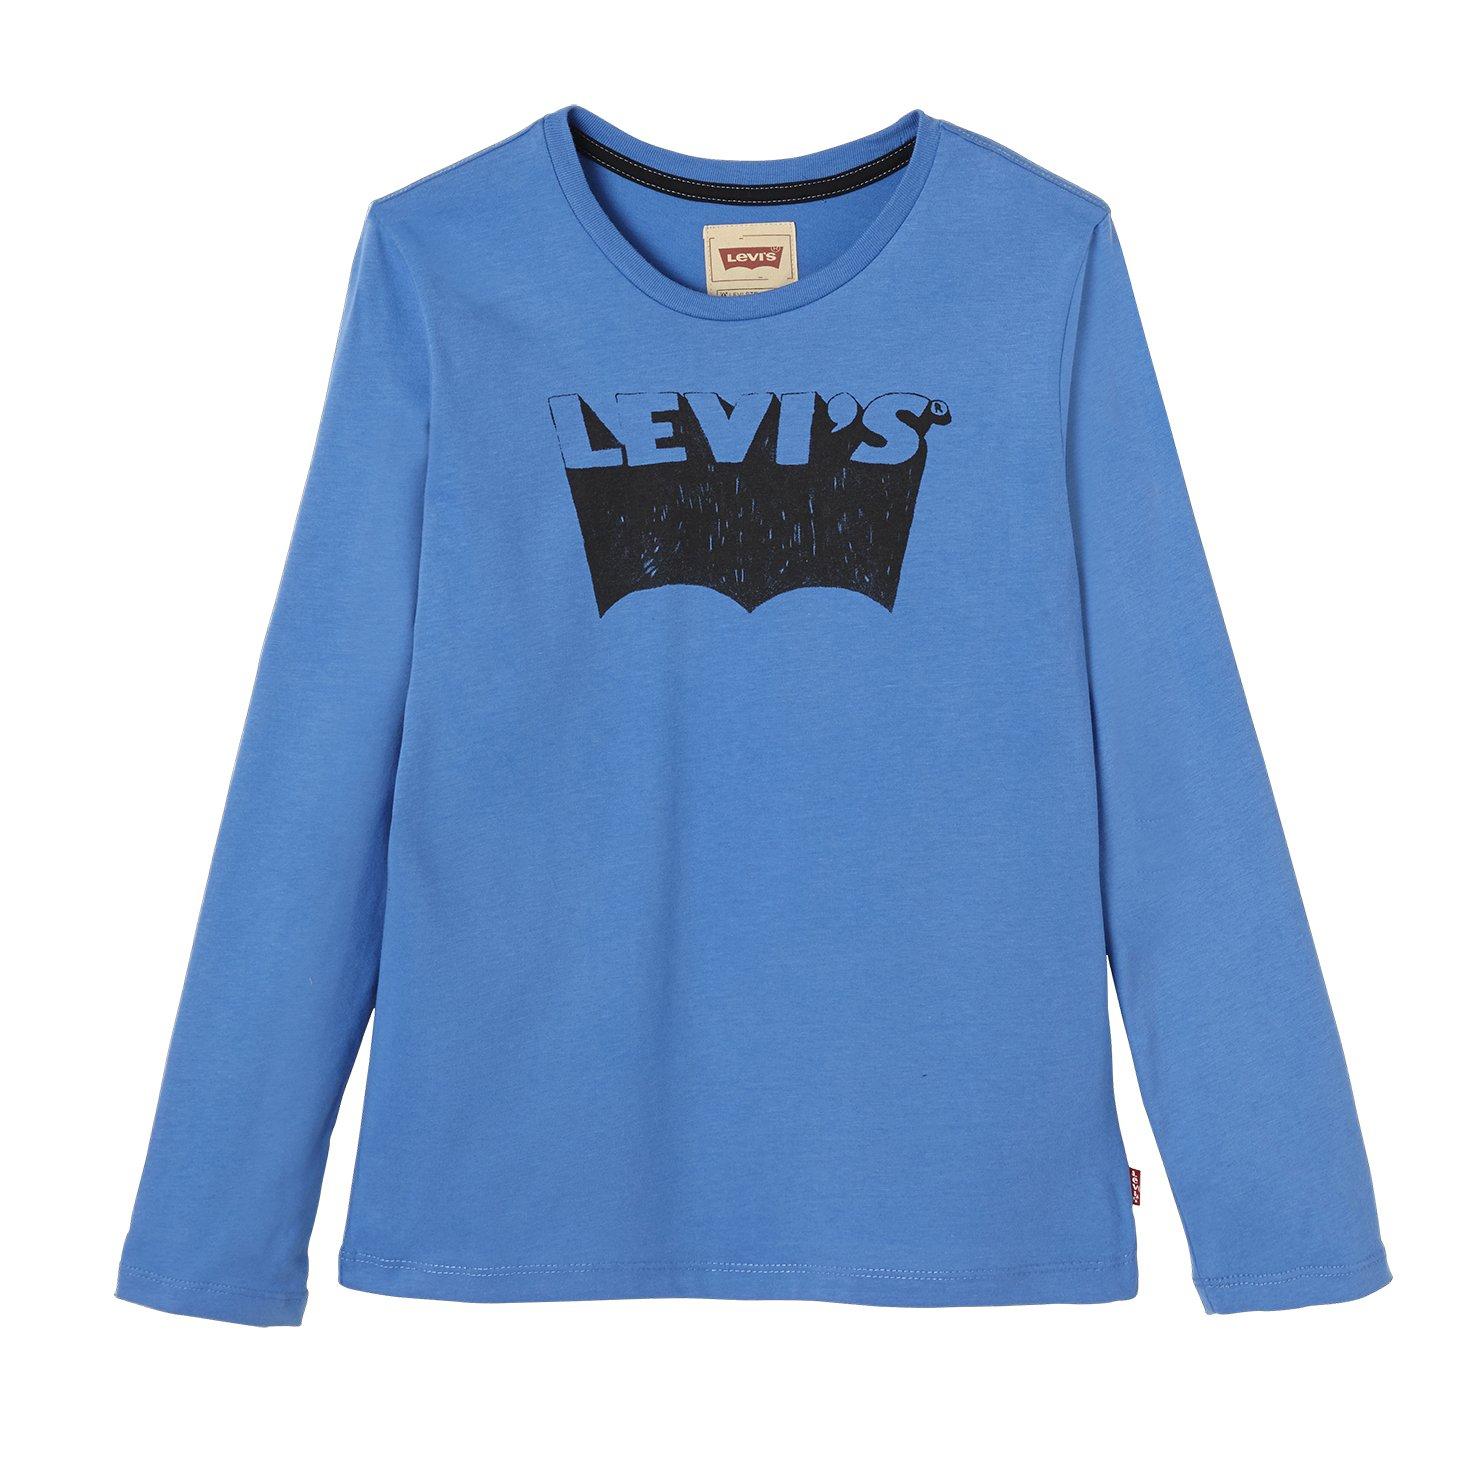 99a0bb2f3e901 Levis Kids T- Shirt Garçon Levi   s Kids N91005H Cadeaux de Noël uniques